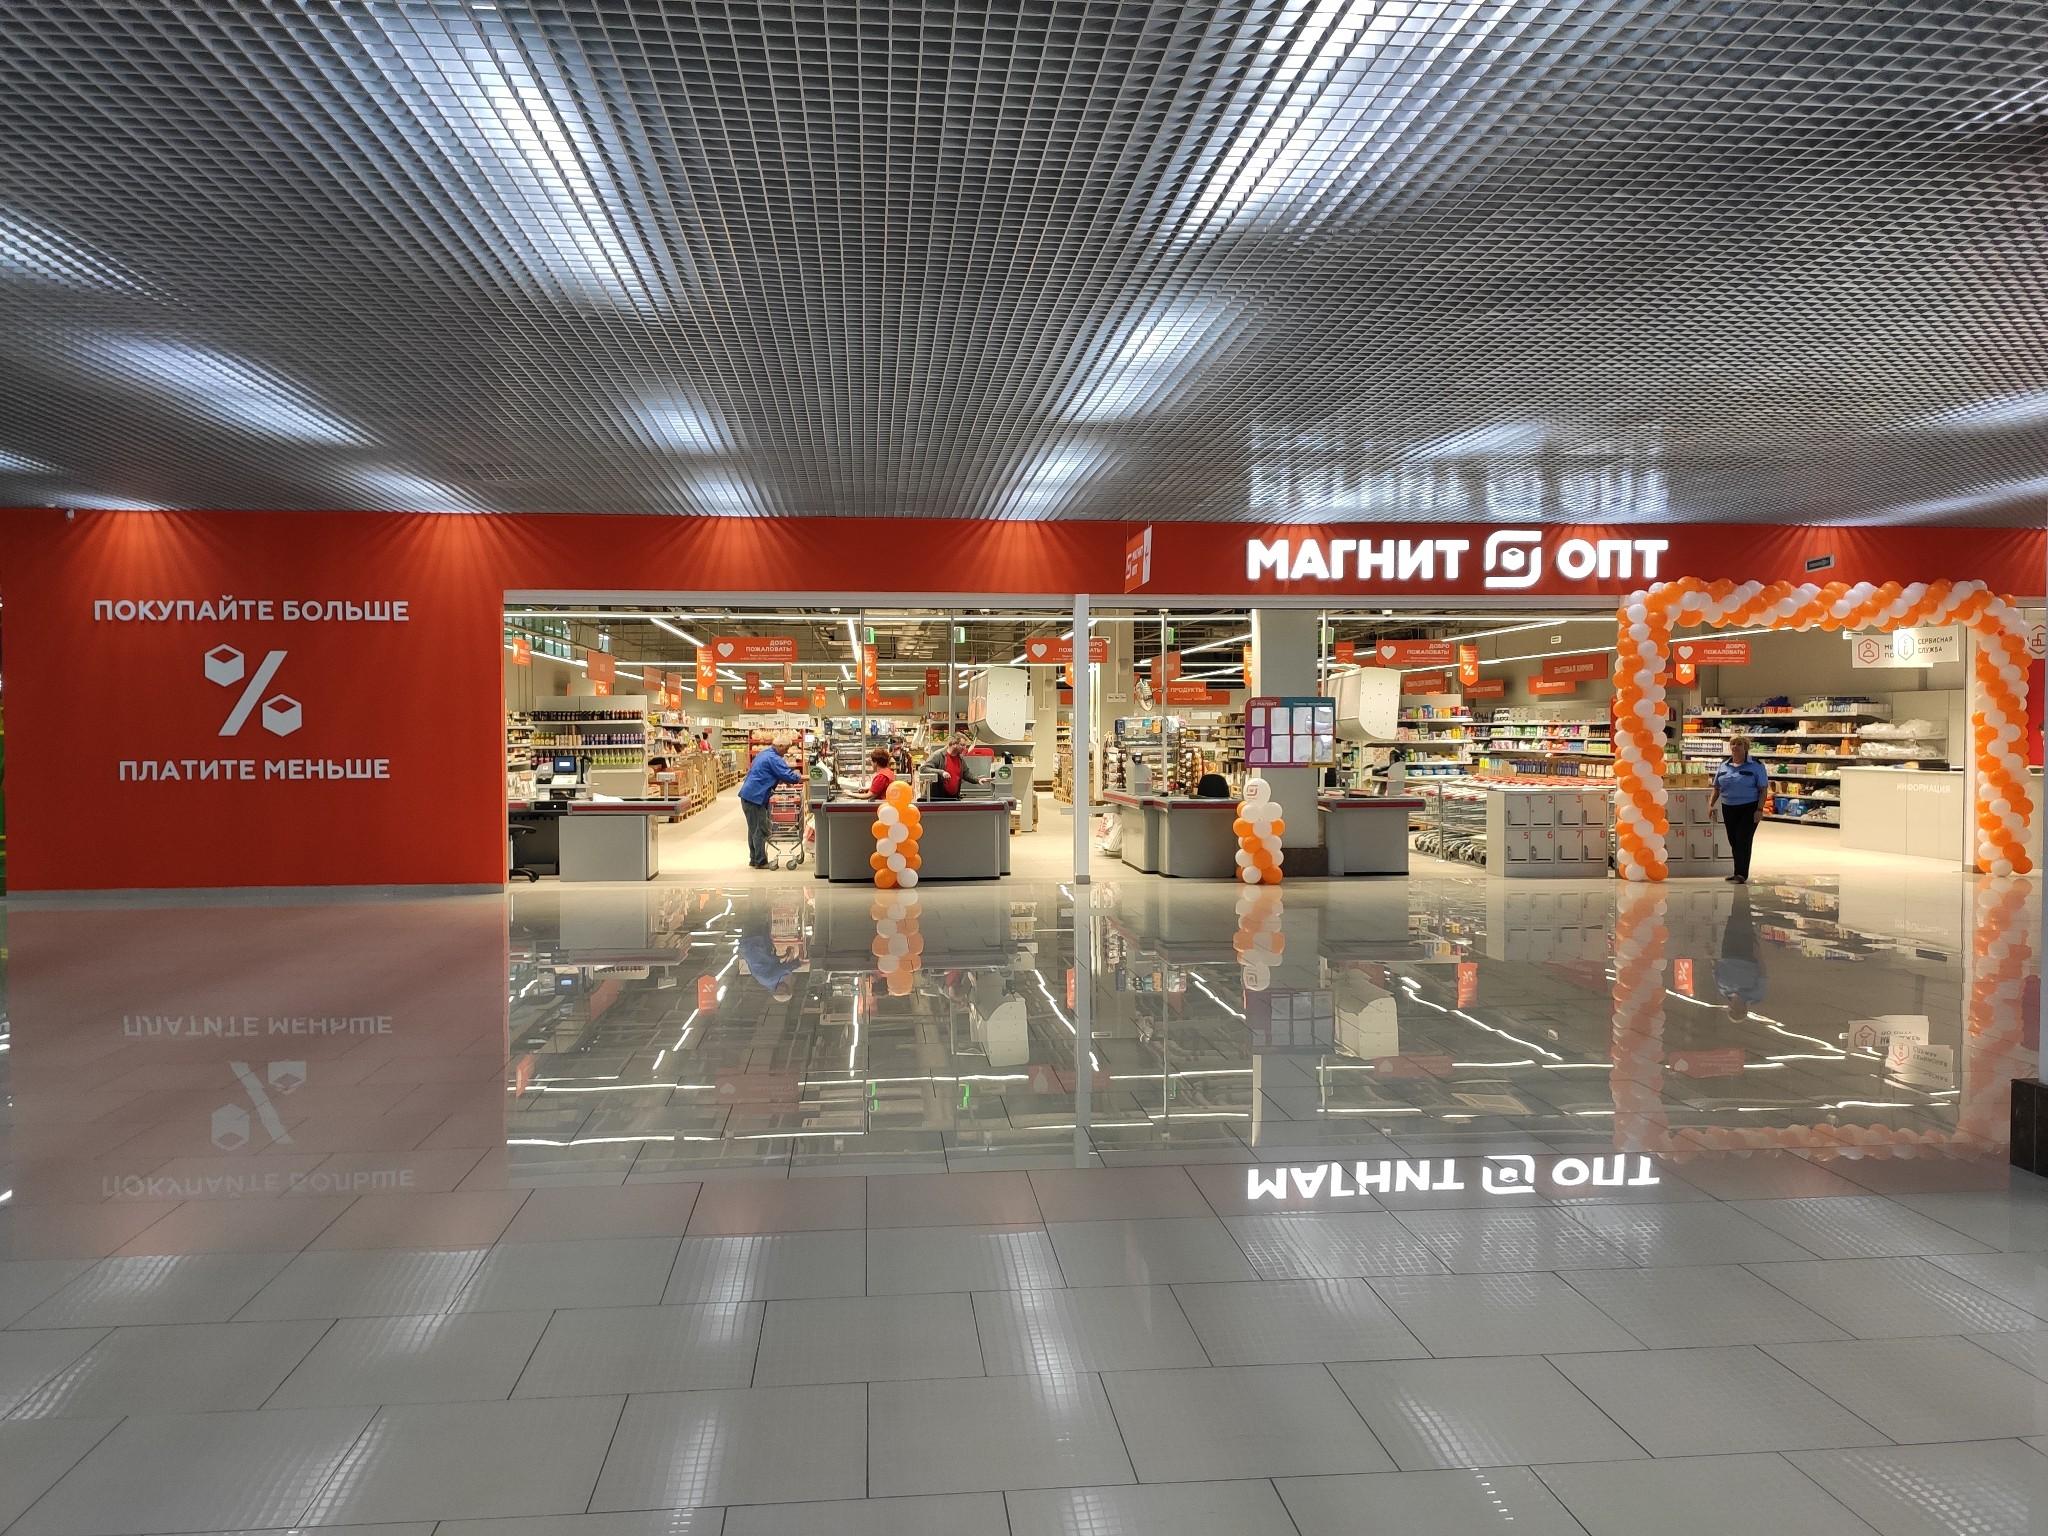 отличают высокая магниты нового формата магазины фото возникает корне